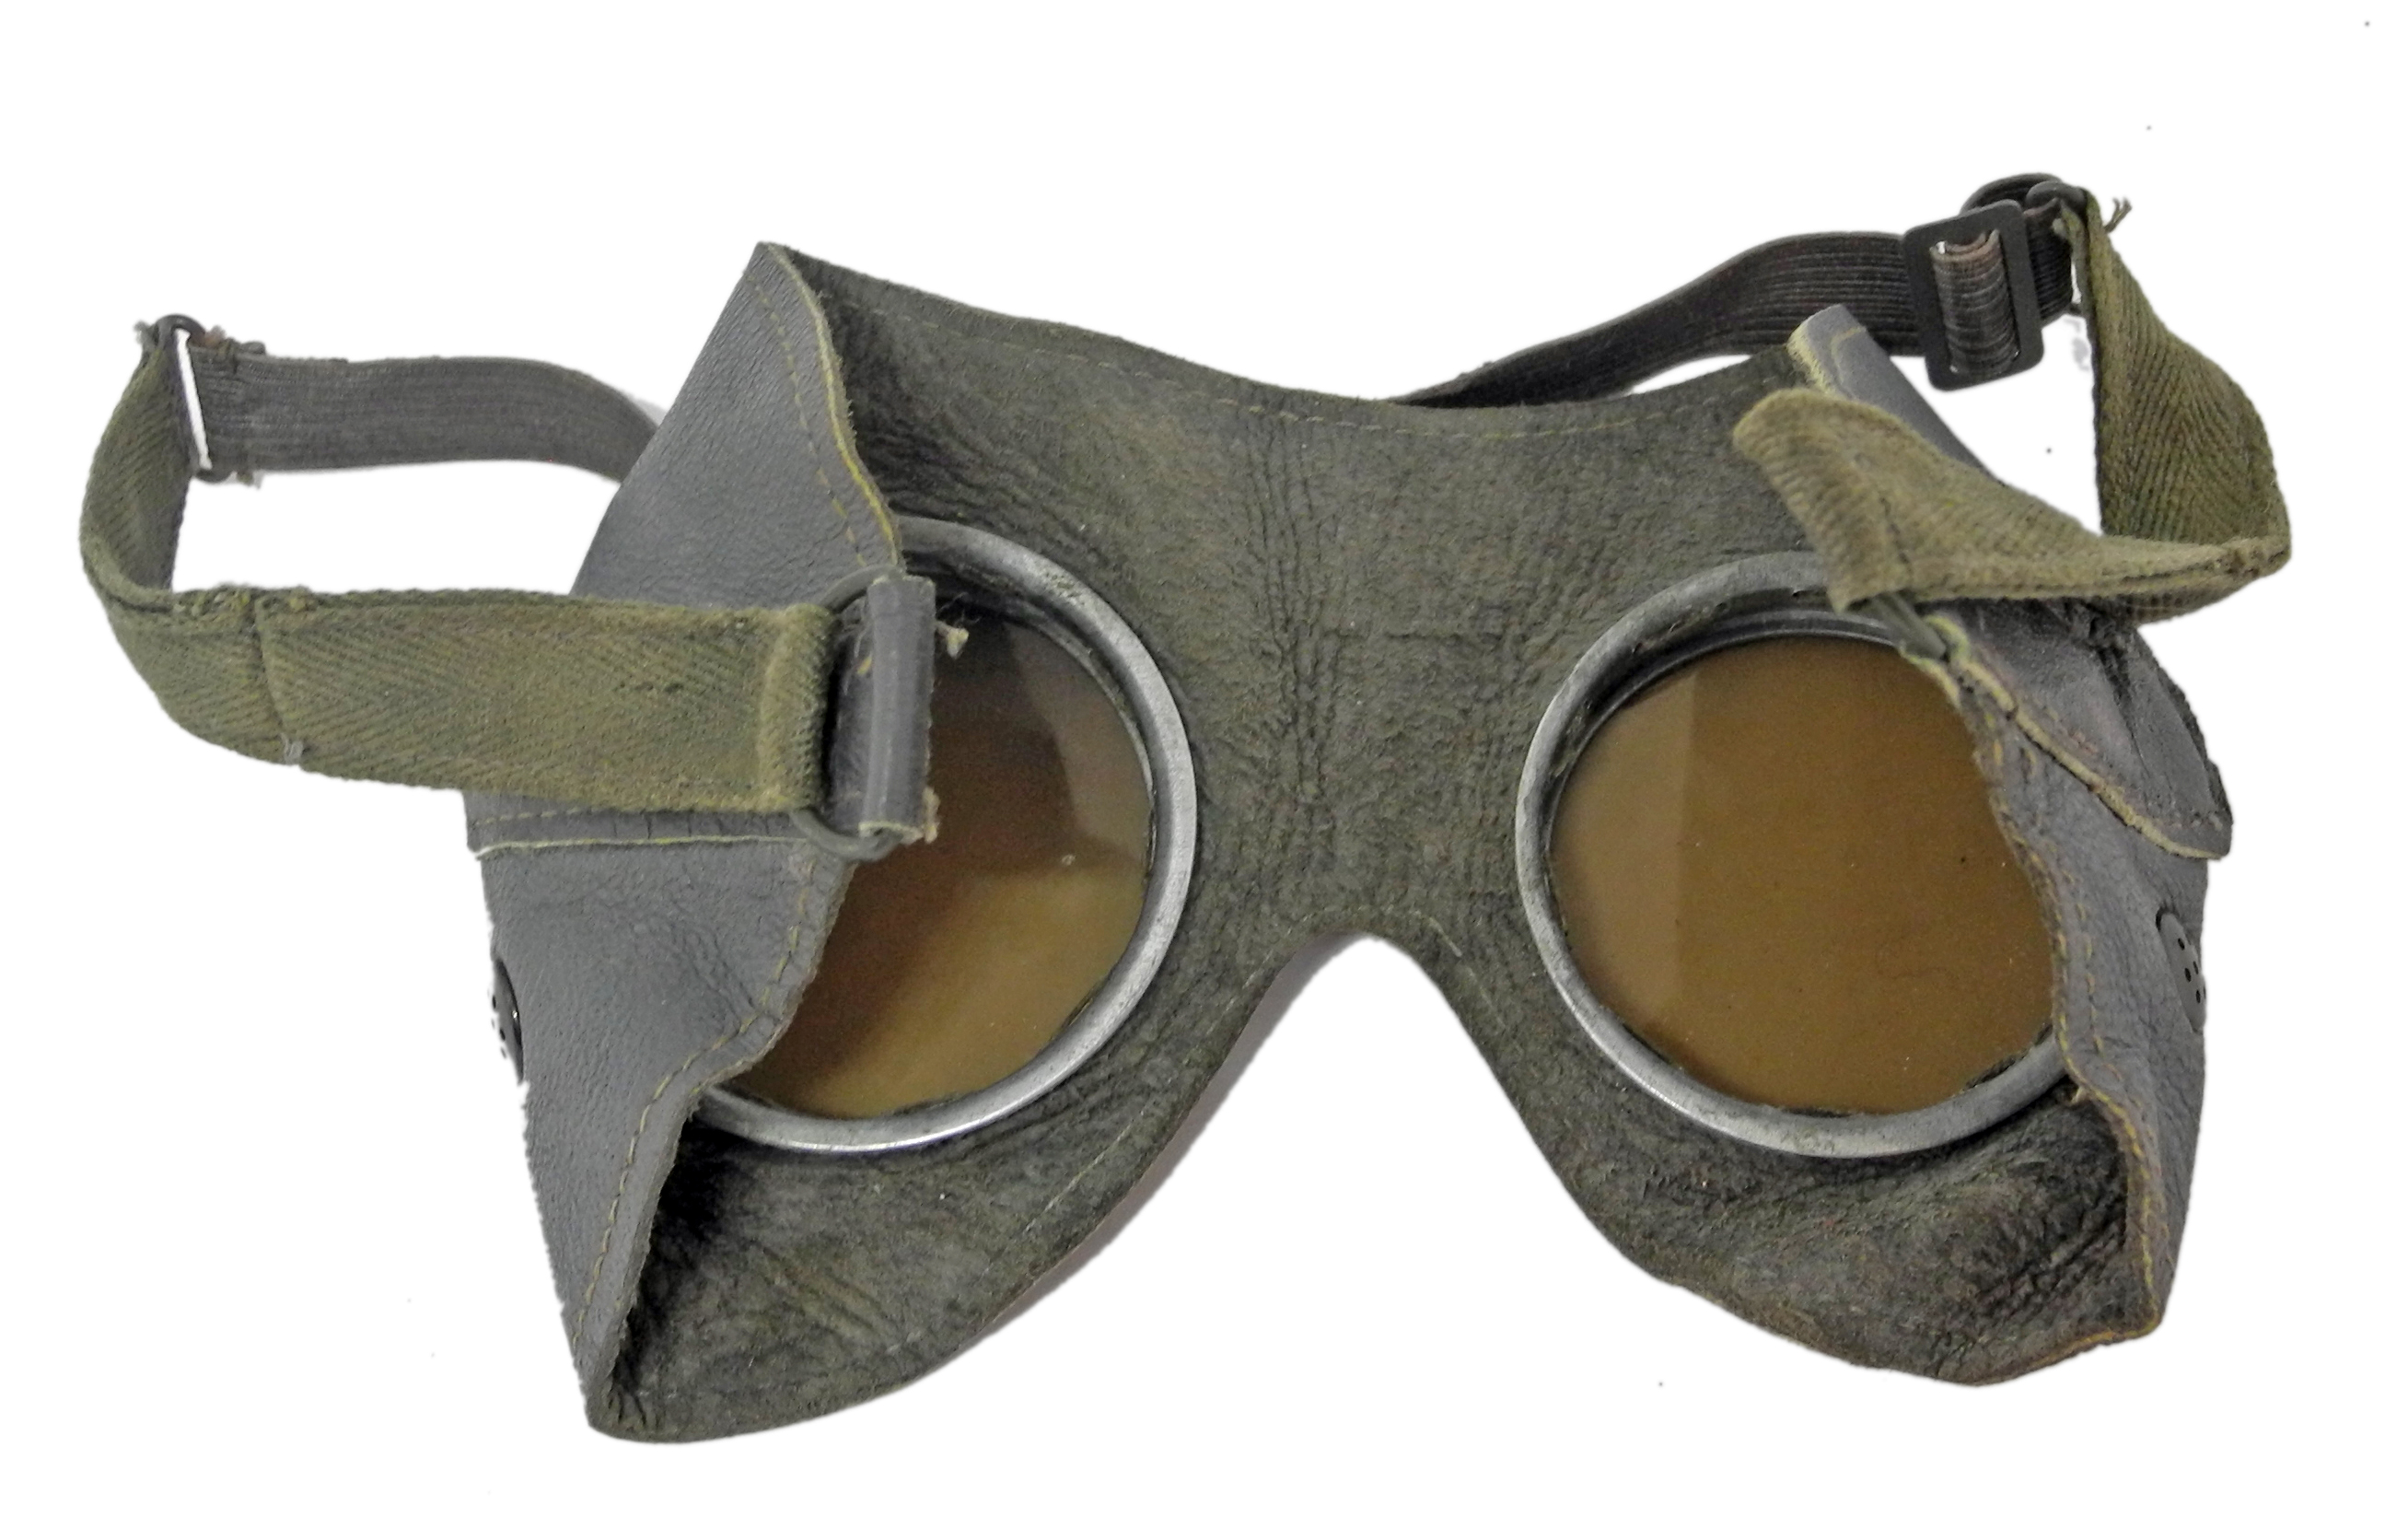 Luftwaffe survival kit goggles